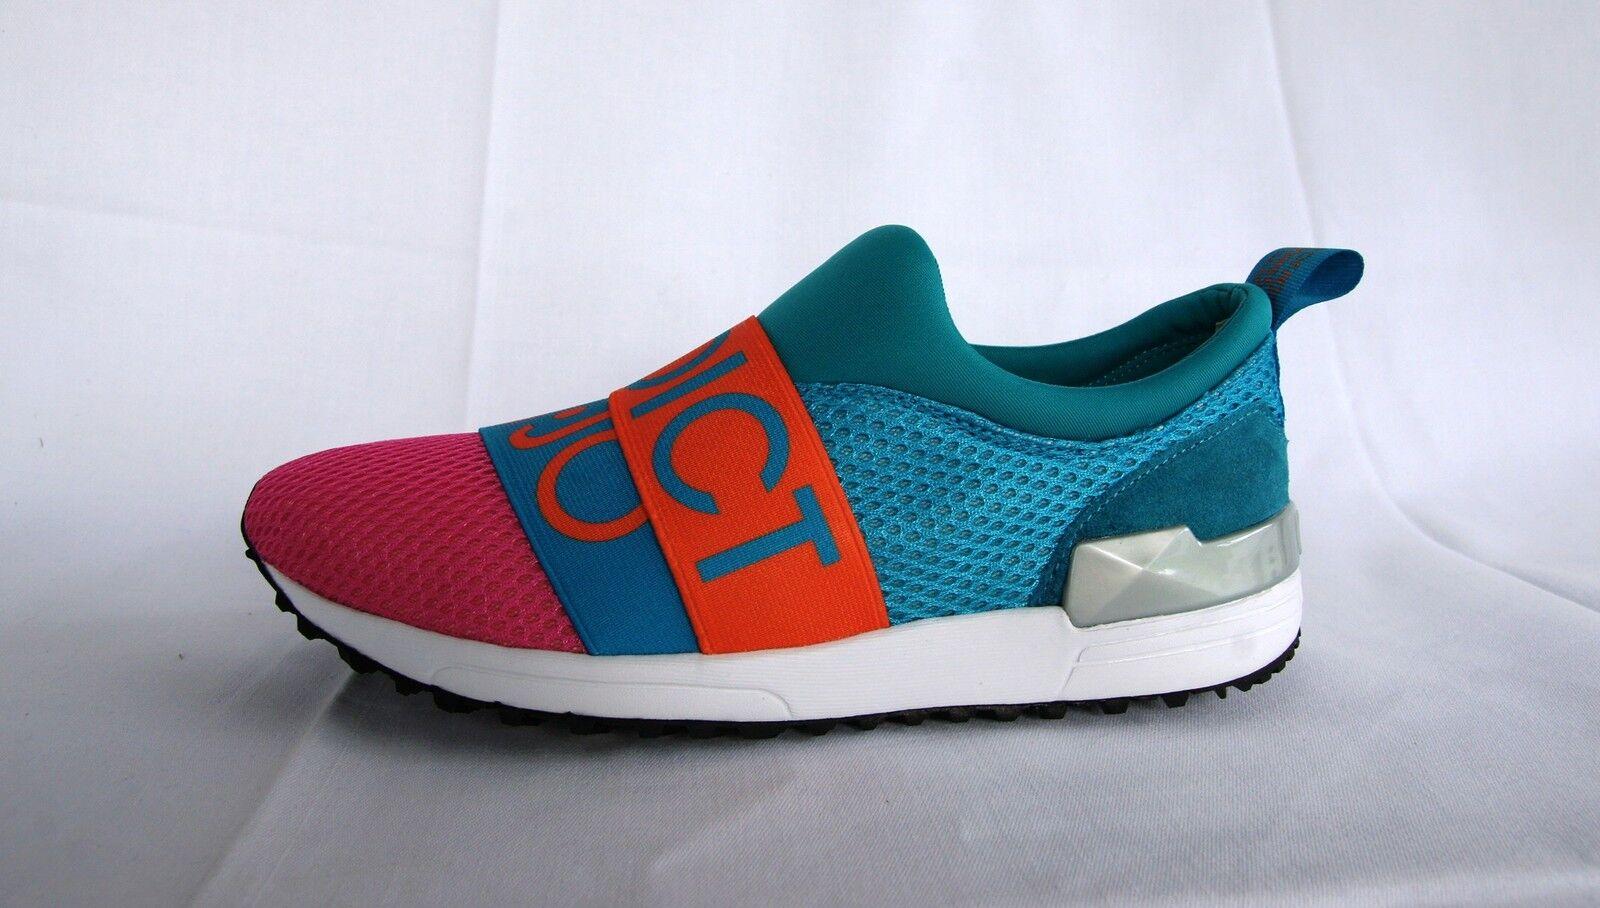 LIU JO Gr 37 Sportschuhe NEU Sneakers Schuhe schuhe multicolor NEU Sportschuhe 193dcf